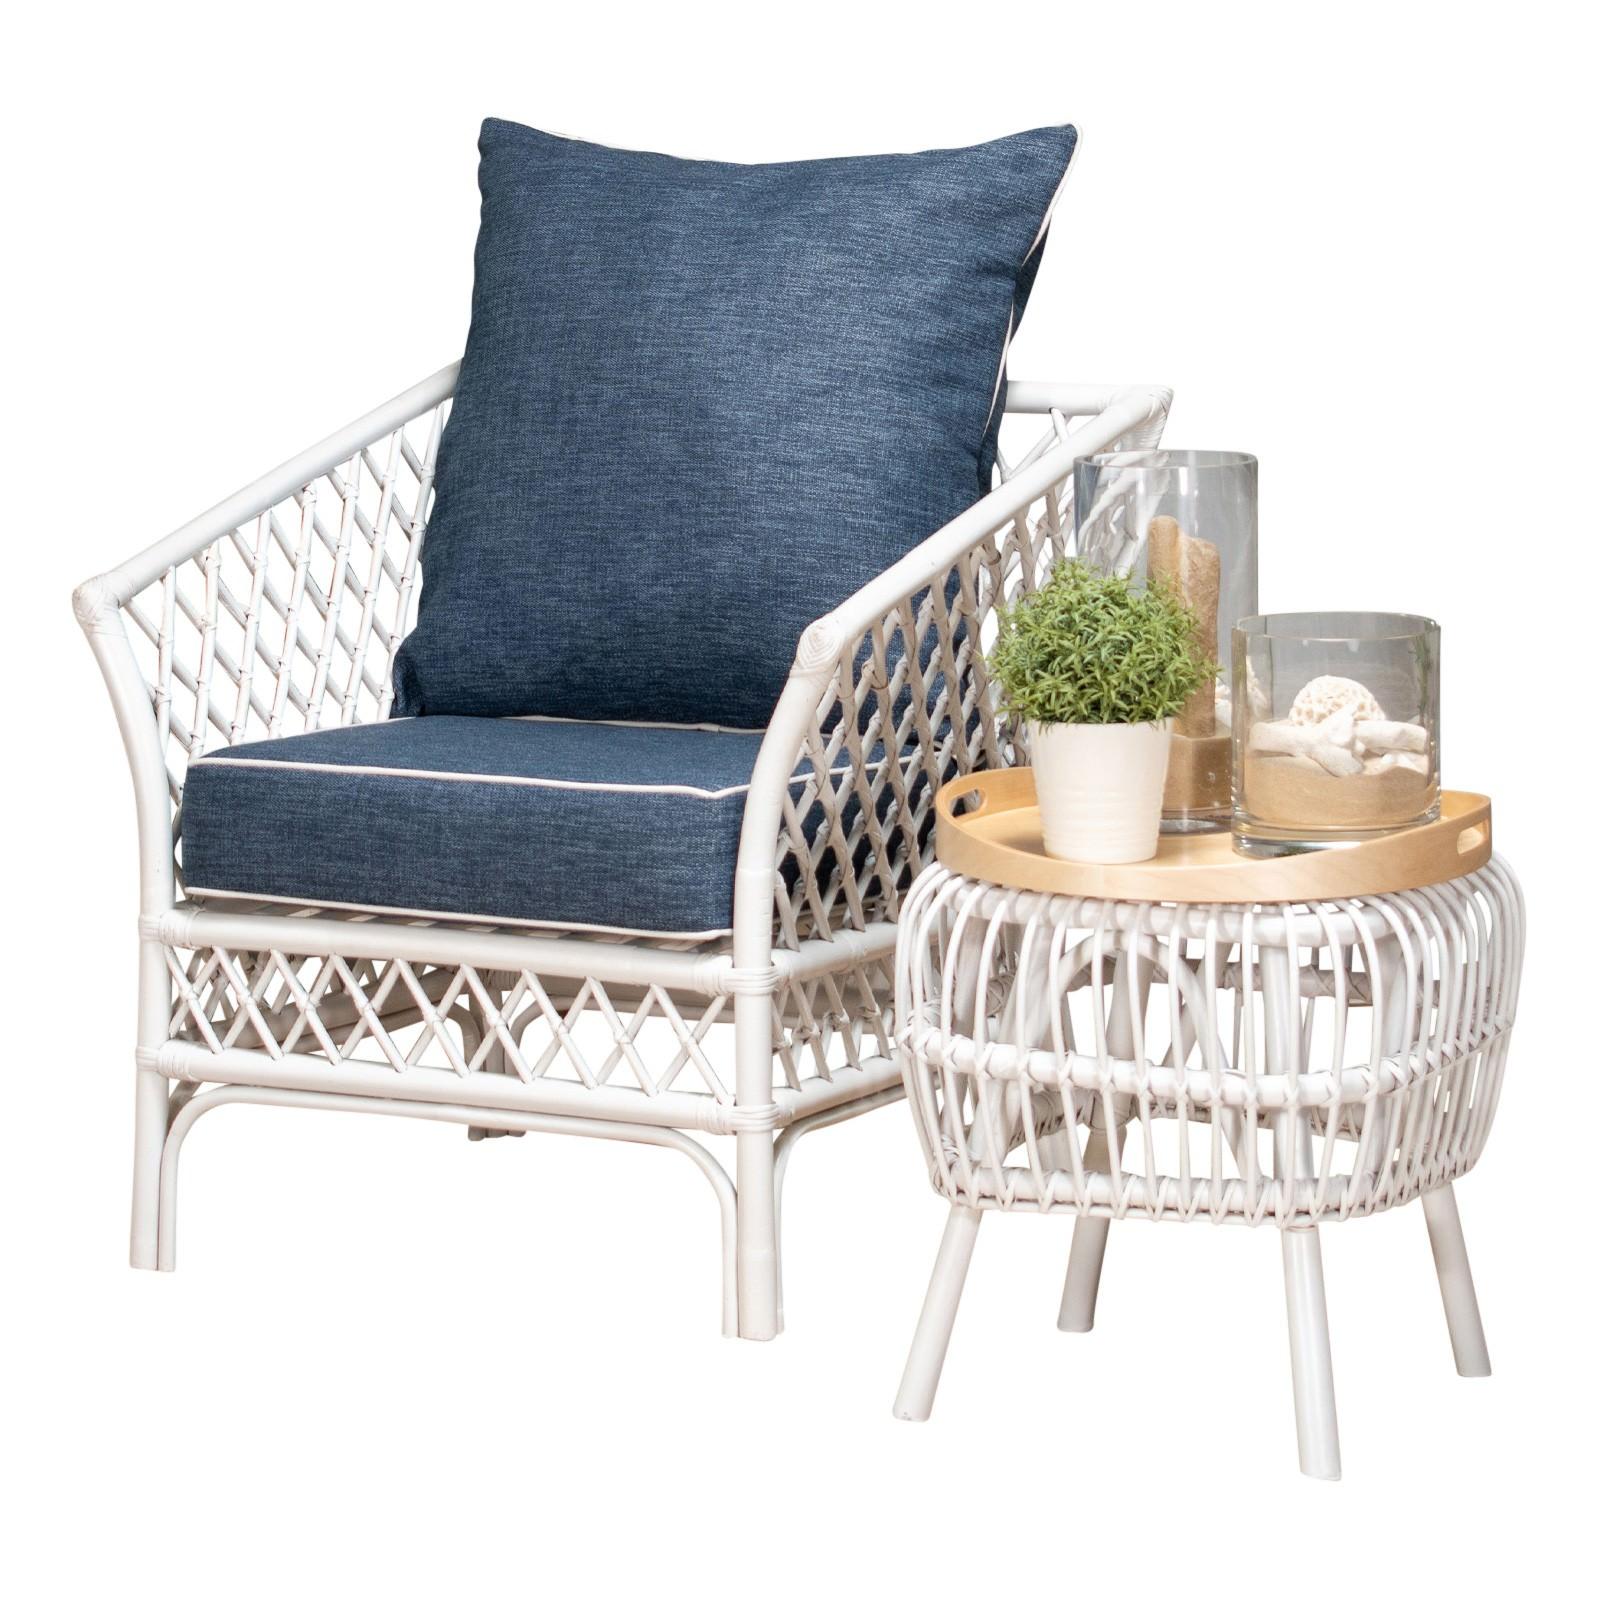 Charlotte Rattan Armchair, Blue Cushion